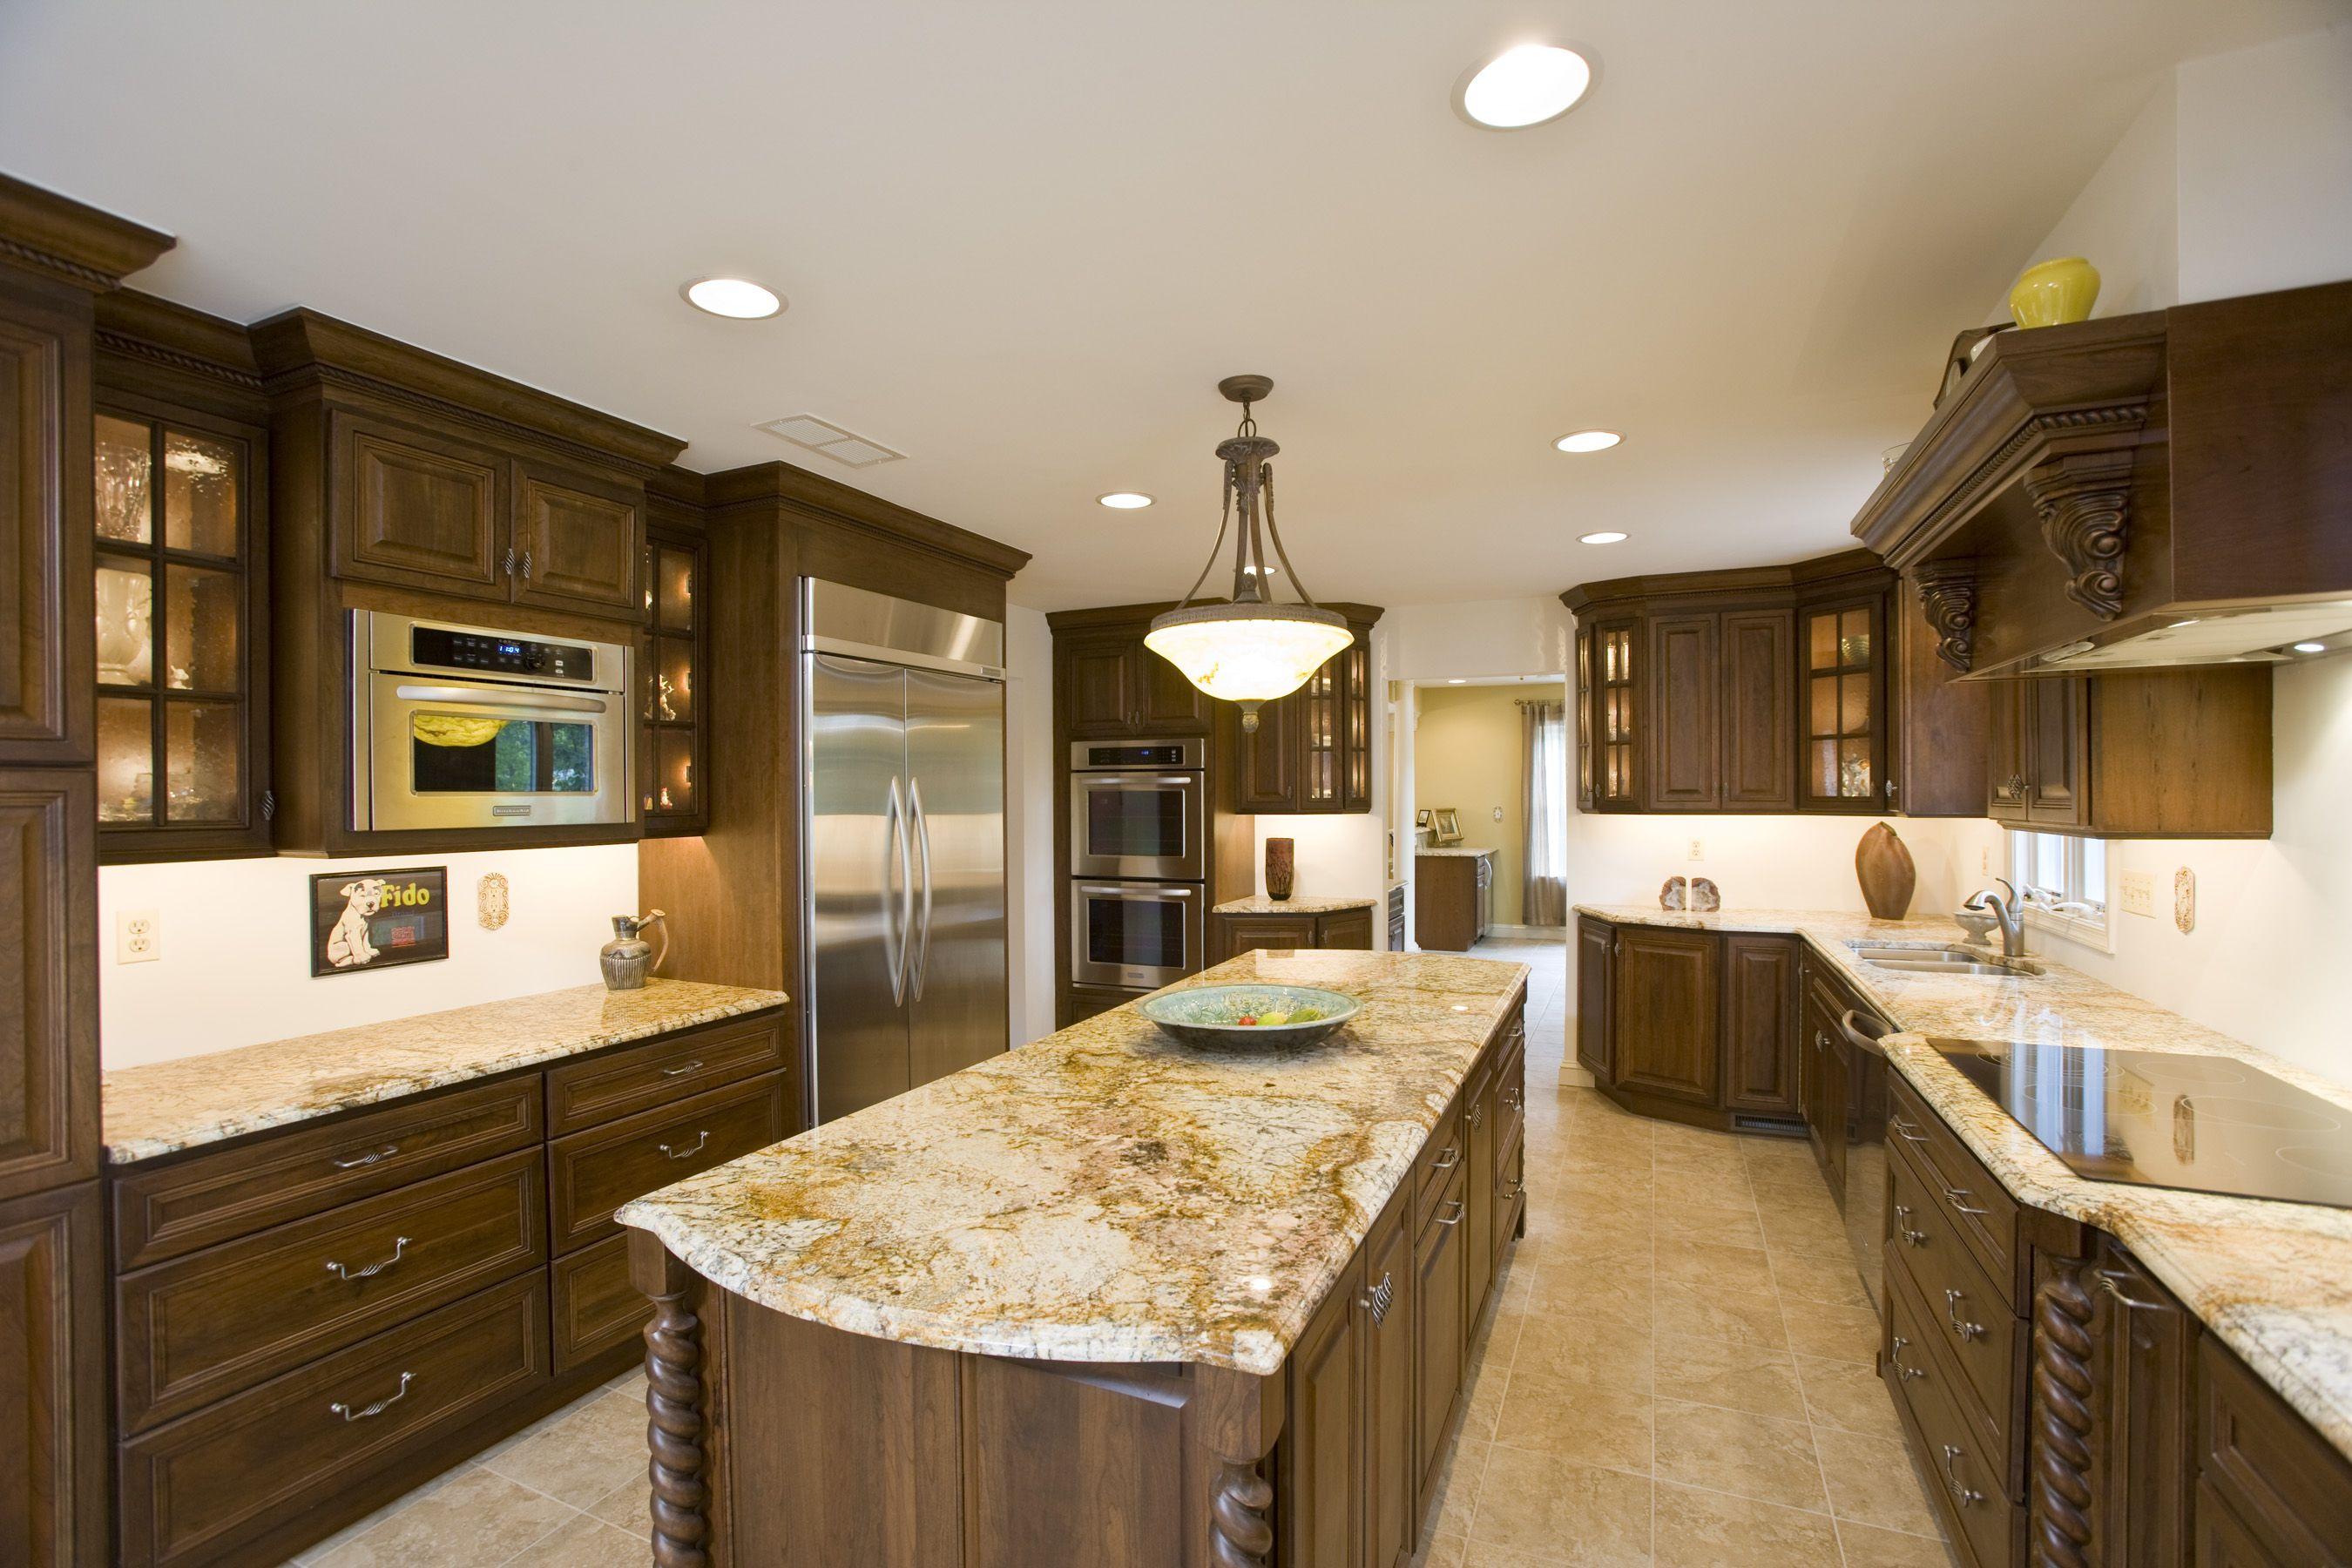 Granite Kitchen Countertop Interior Design Kitchen Design Countertops Countertop Design Modern Kitchen Design